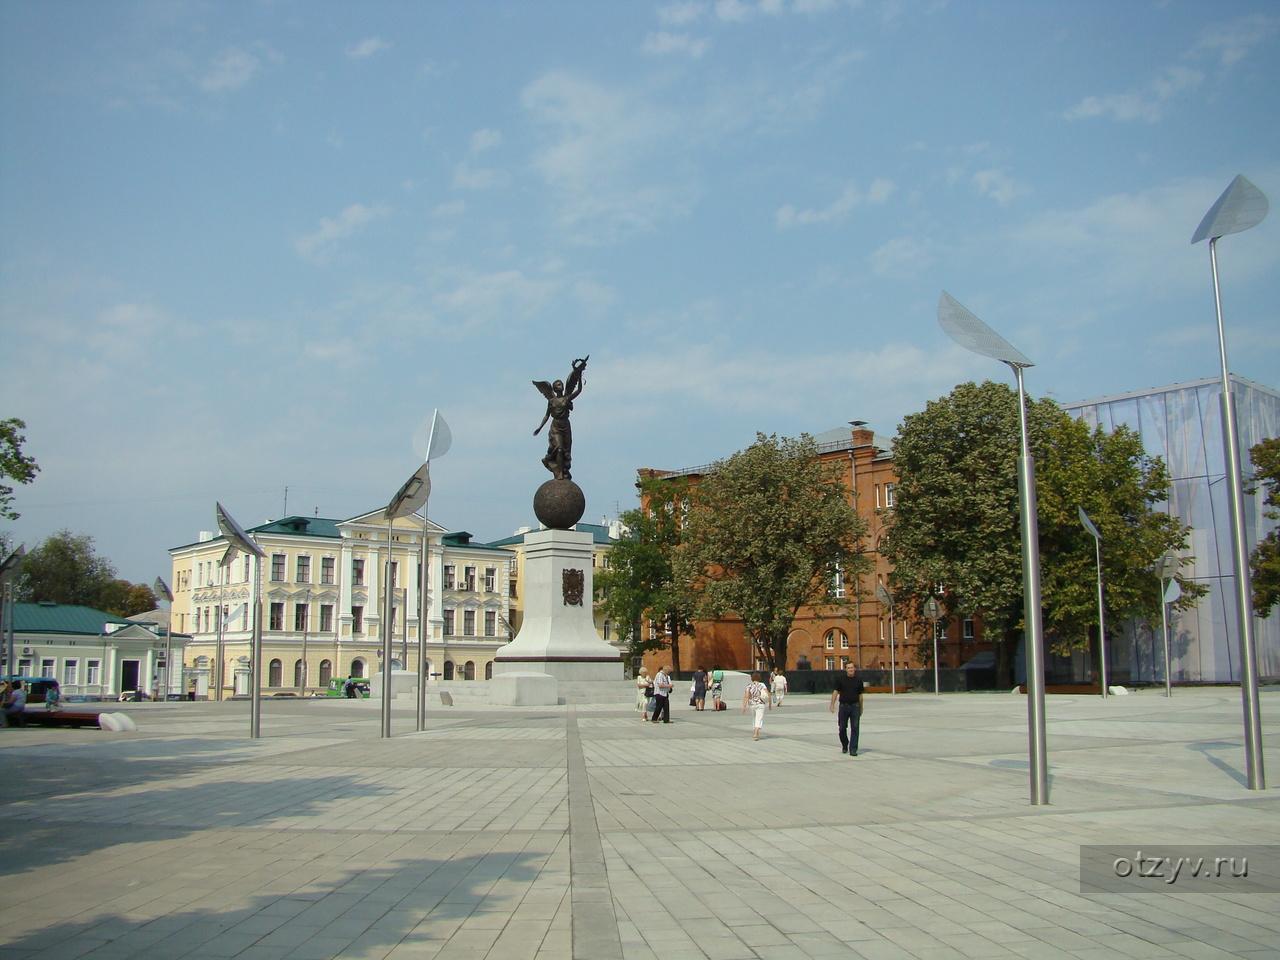 площадь конституции в люксембурге фото внимание, что